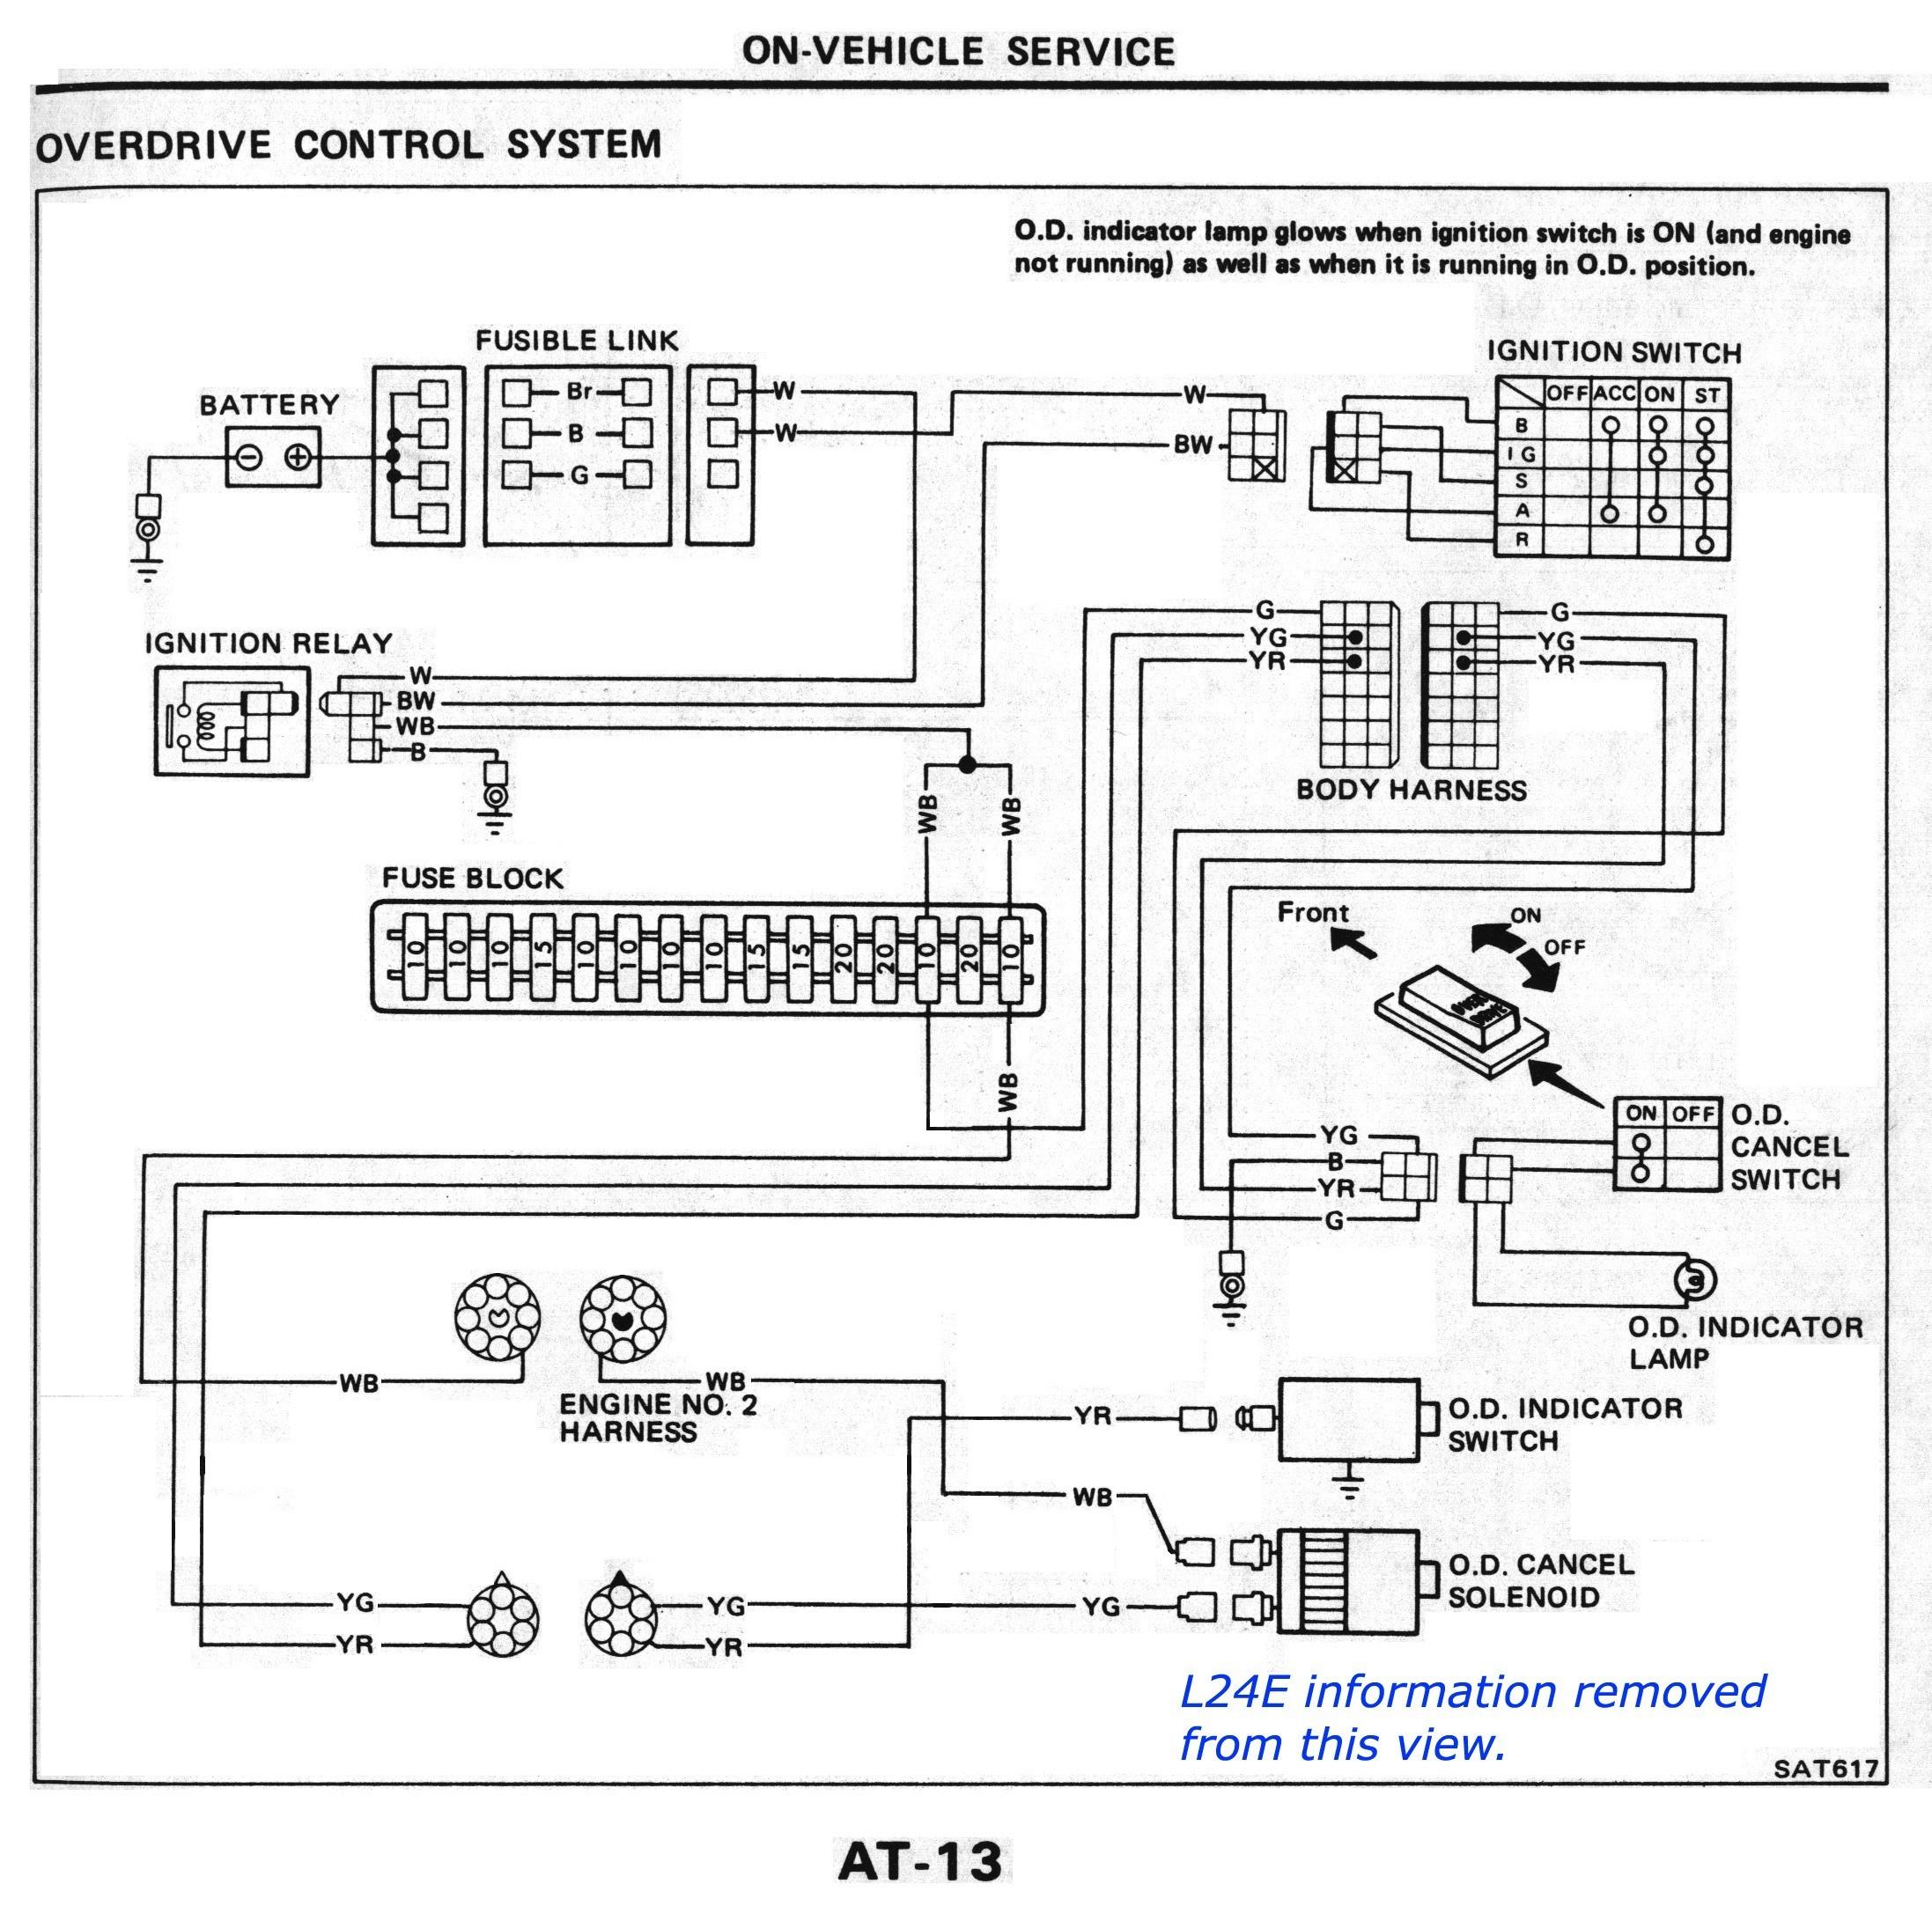 Car Engine Oil Flow Diagram Porsche 944 Start Wiring Button Image Of